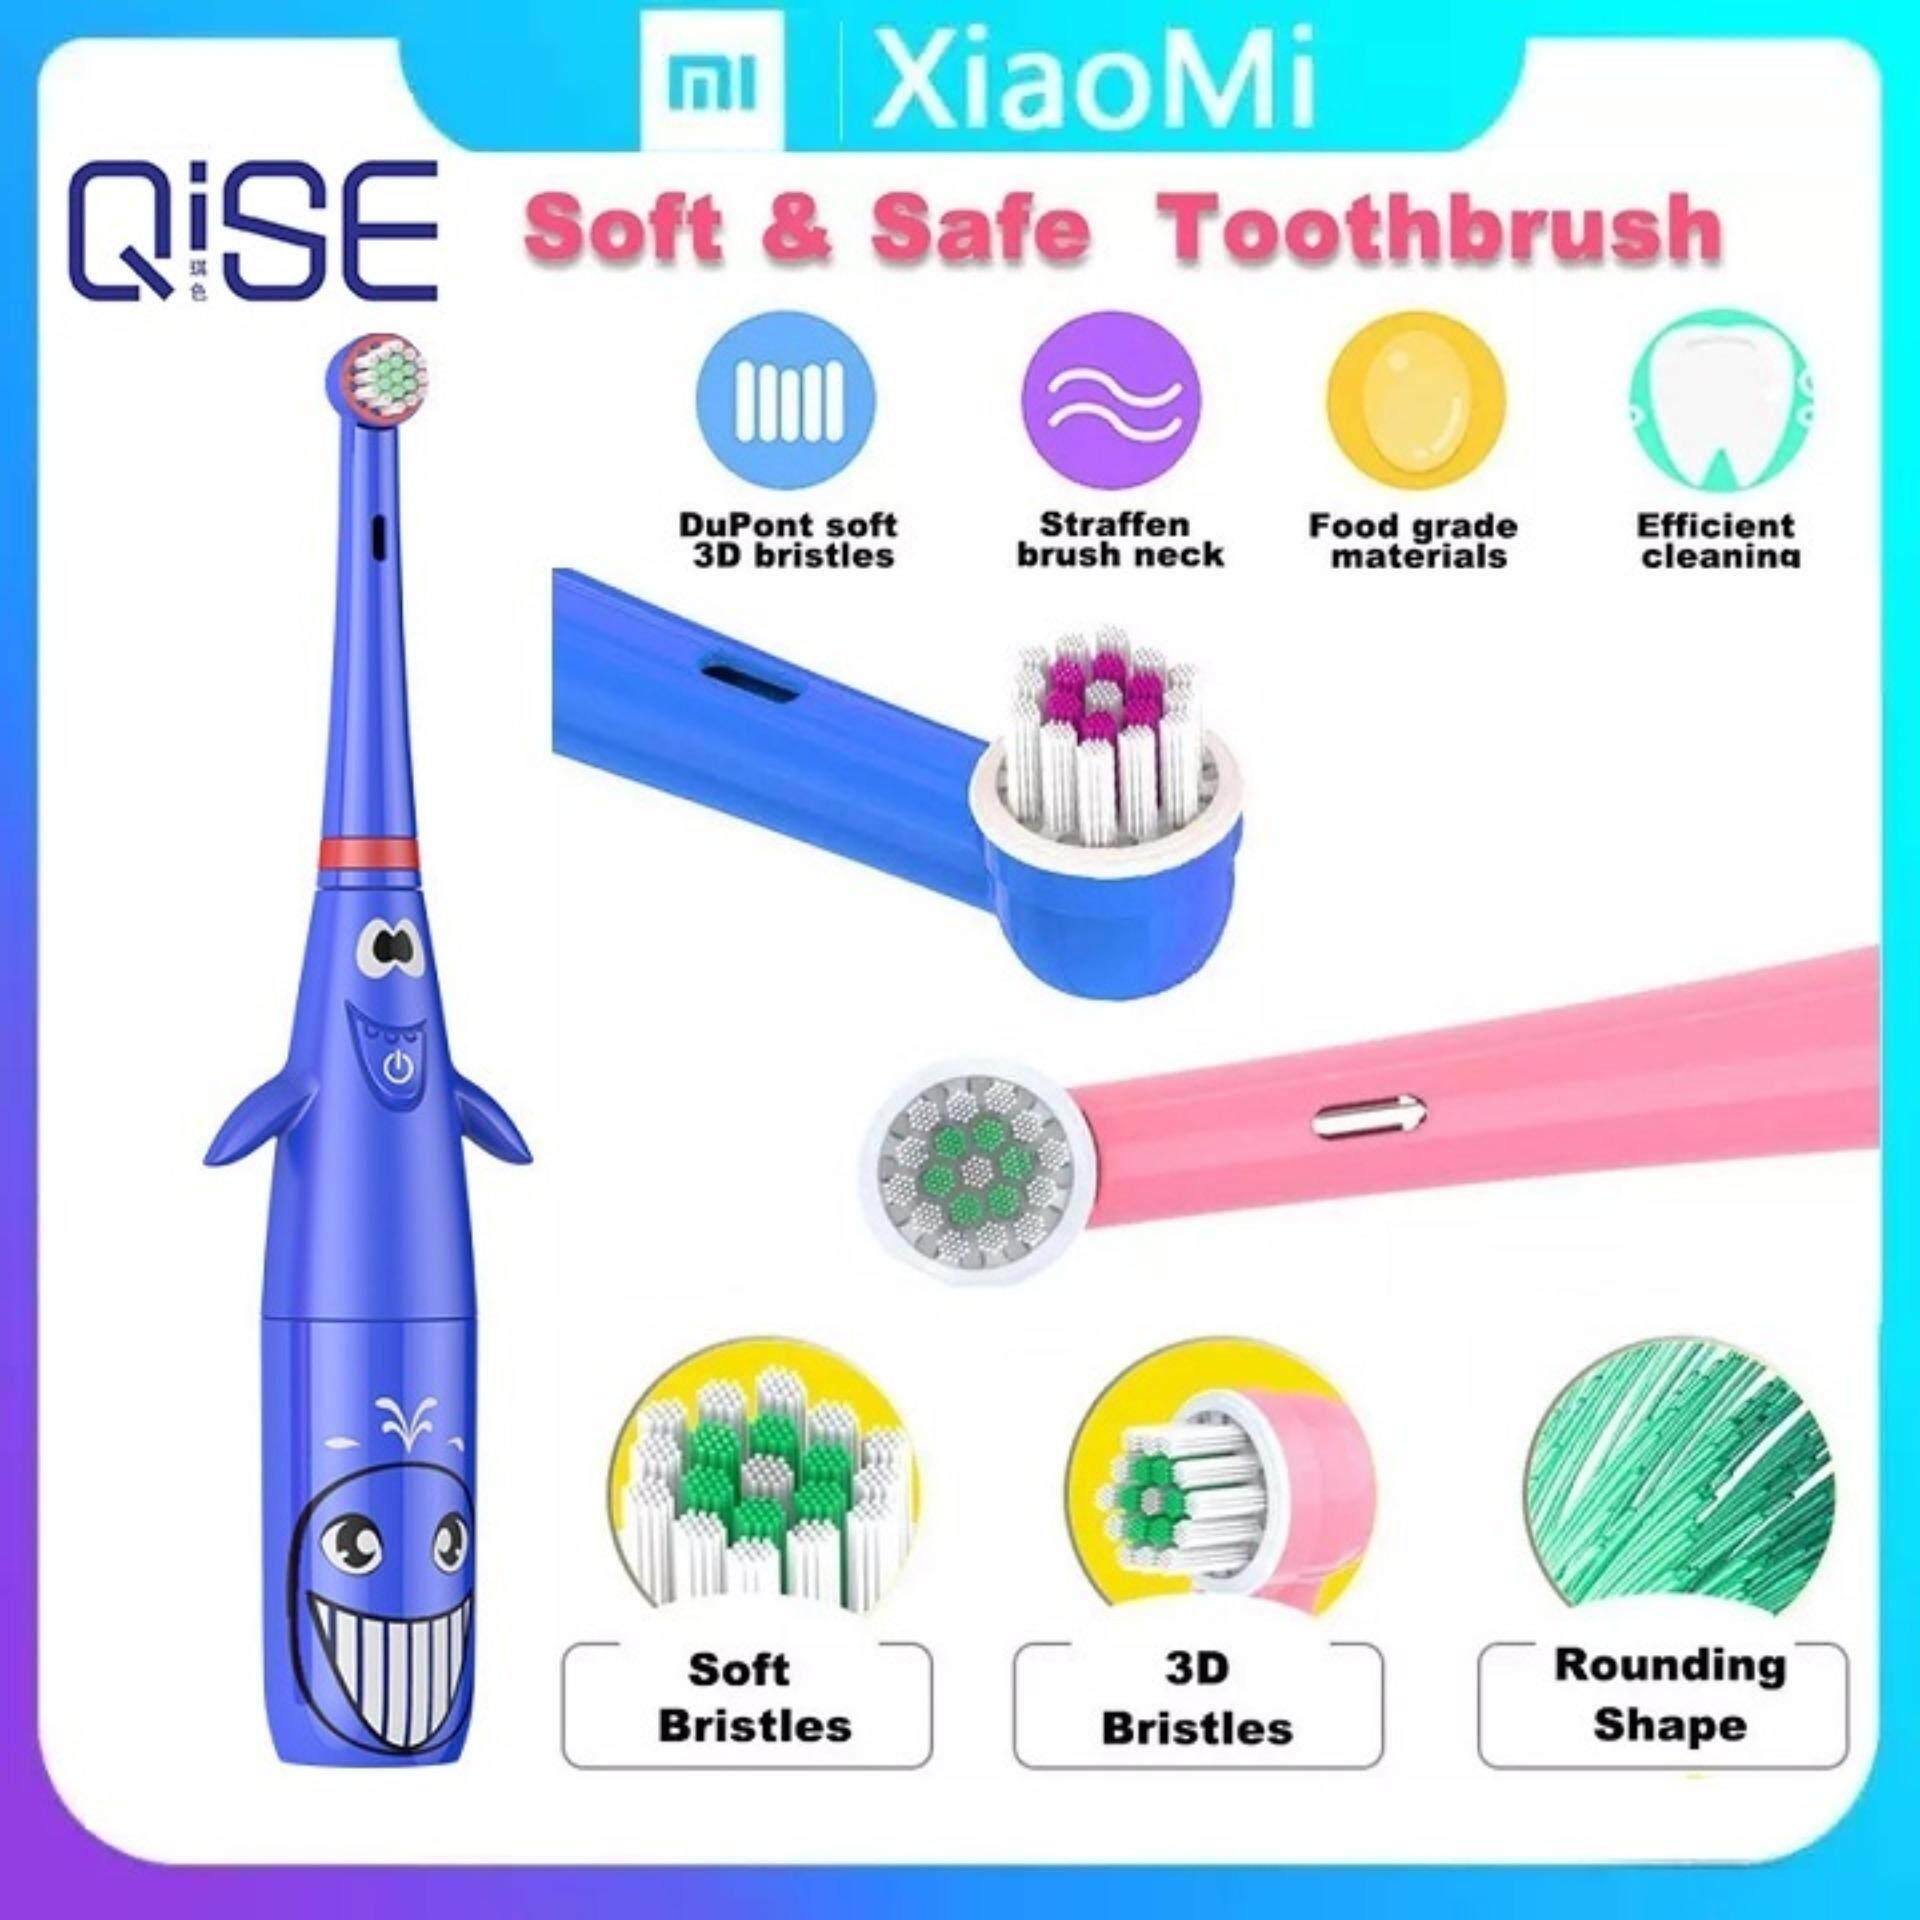 สมุทรสาคร Xiaomi QISE Cartoon Children เด็กแปรงสีฟันไฟฟ้า Electric Toothbrush With Handle Rotate Soft Hair Dental Care Massage Tooth Brush Baby Kids Oral Clean Products